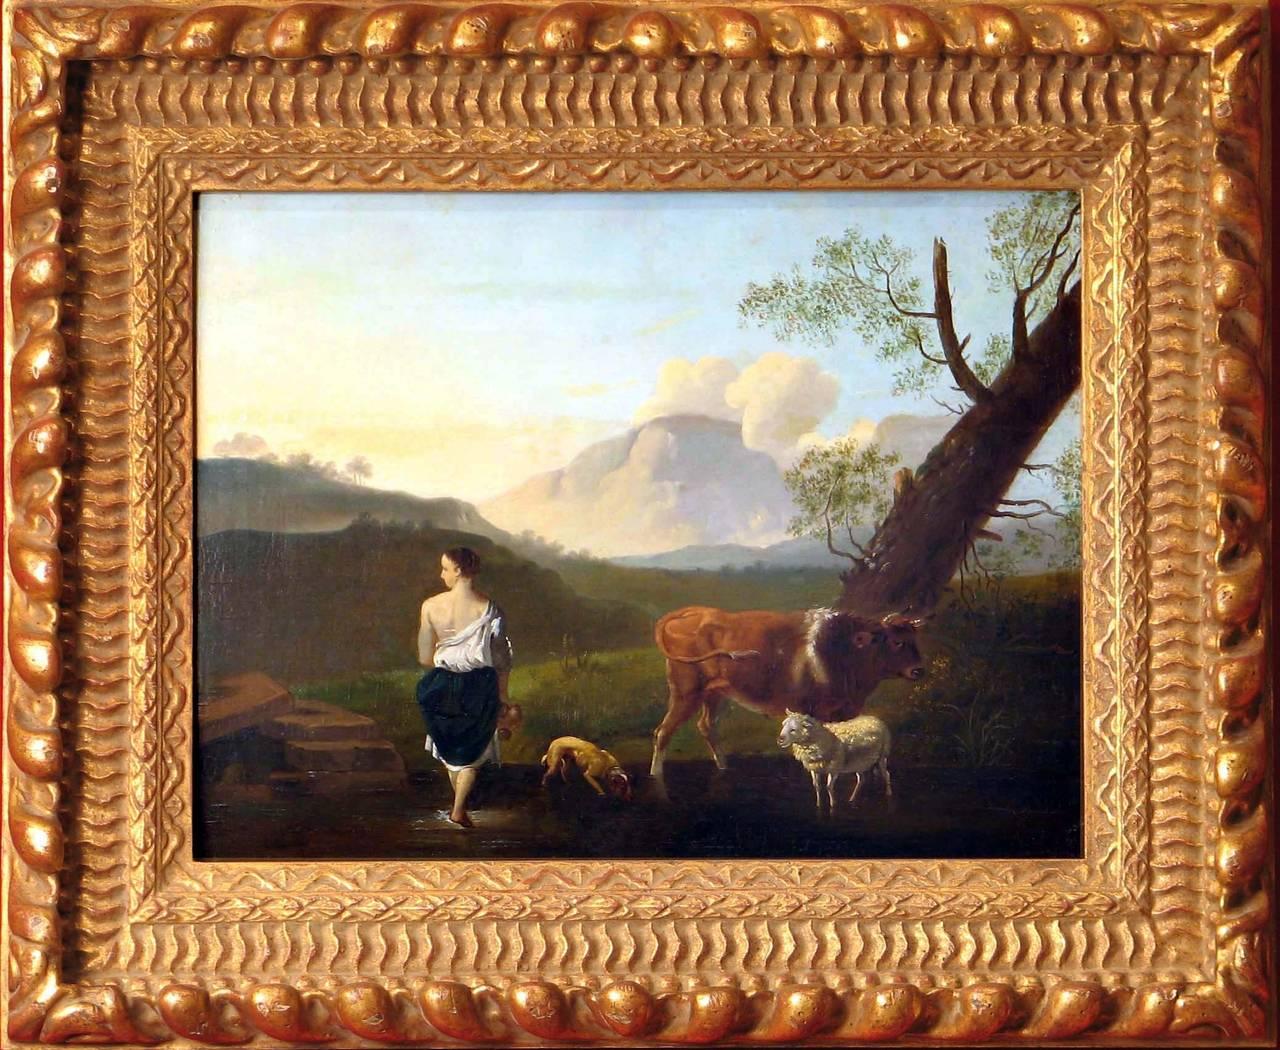 Shepherd with Animals near Mount Vesuvius